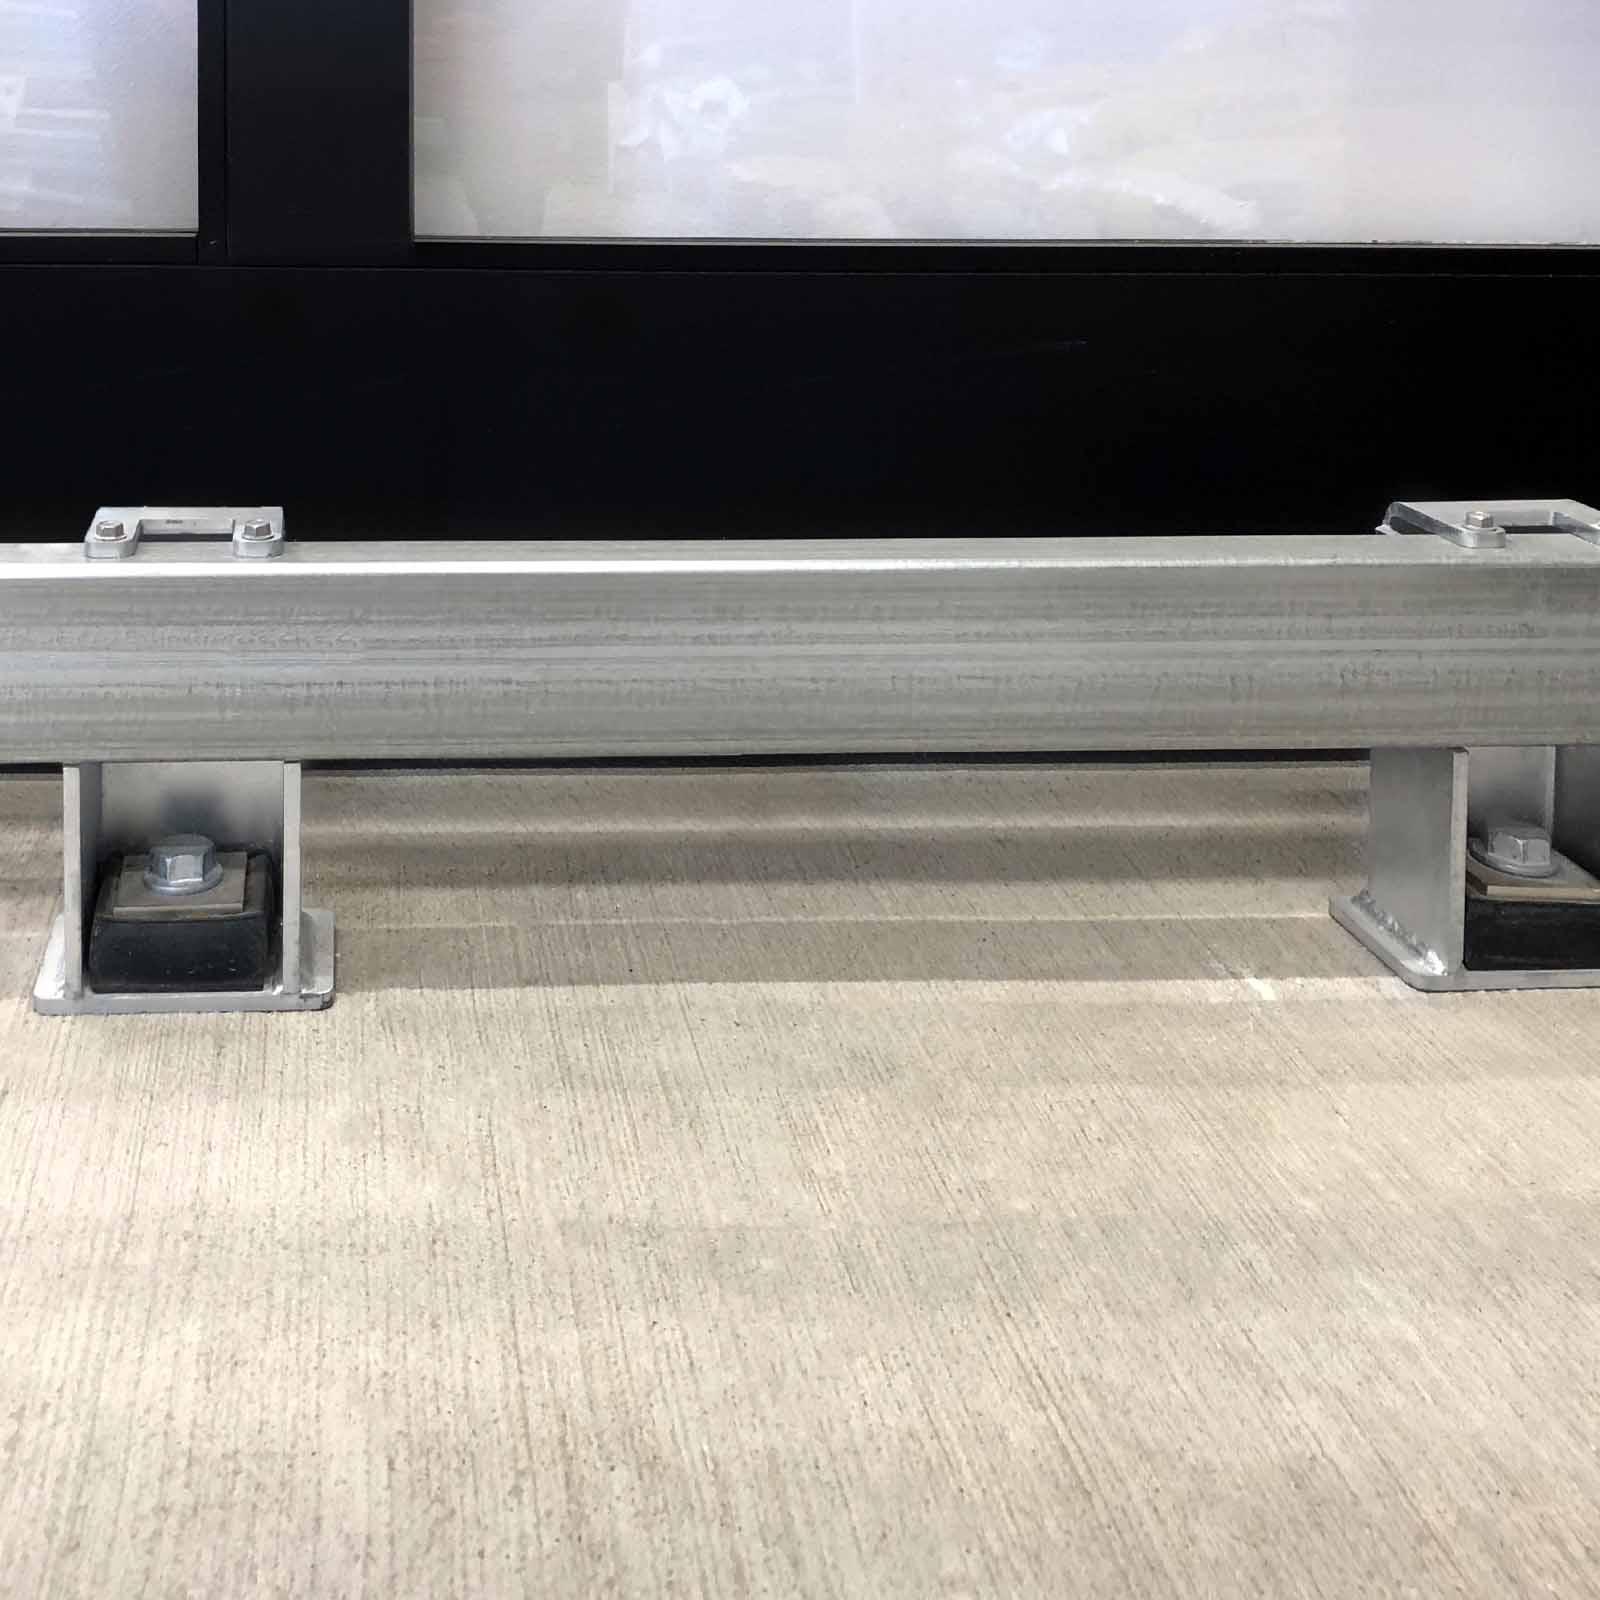 McCue Shock-Absorbing Box Rail Floor Rail